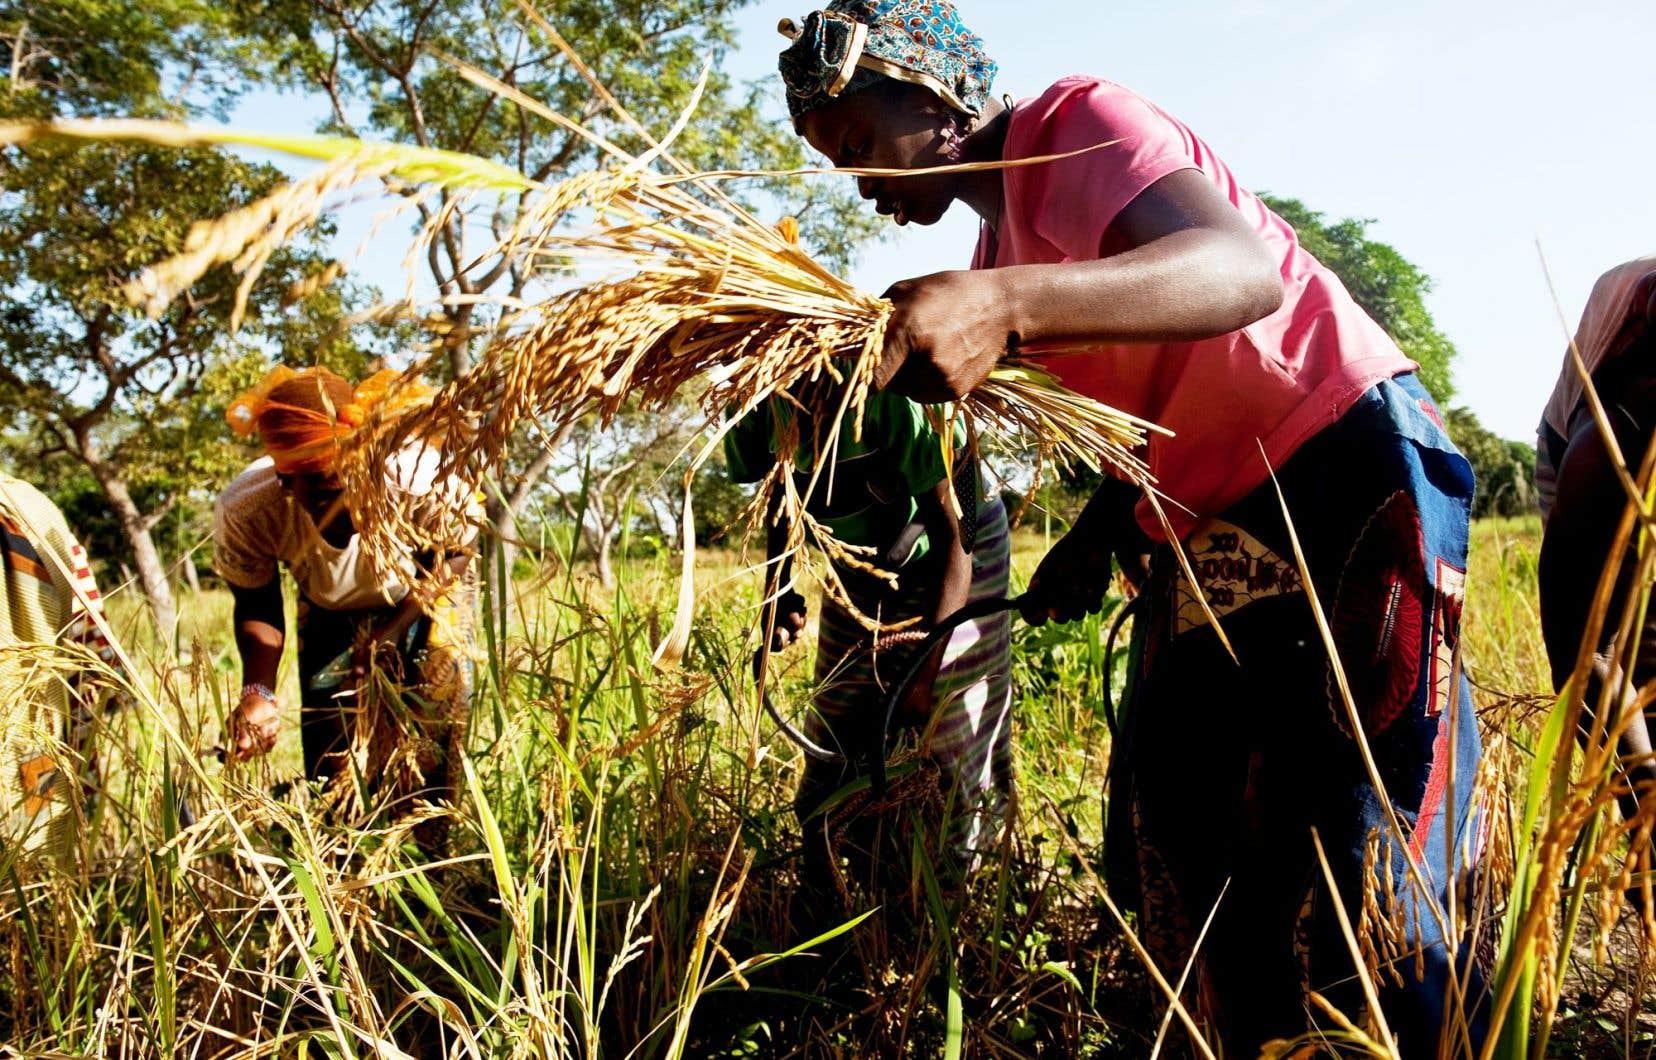 Une consultation élargie tenue en 2012-2013 par l'Observatoire jeunesse Oxfam-Québec auprès des jeunes coopérants québécois dénote que ceux-ci jettent un regard assez critique sur la coopération dans ses formes actuelles.